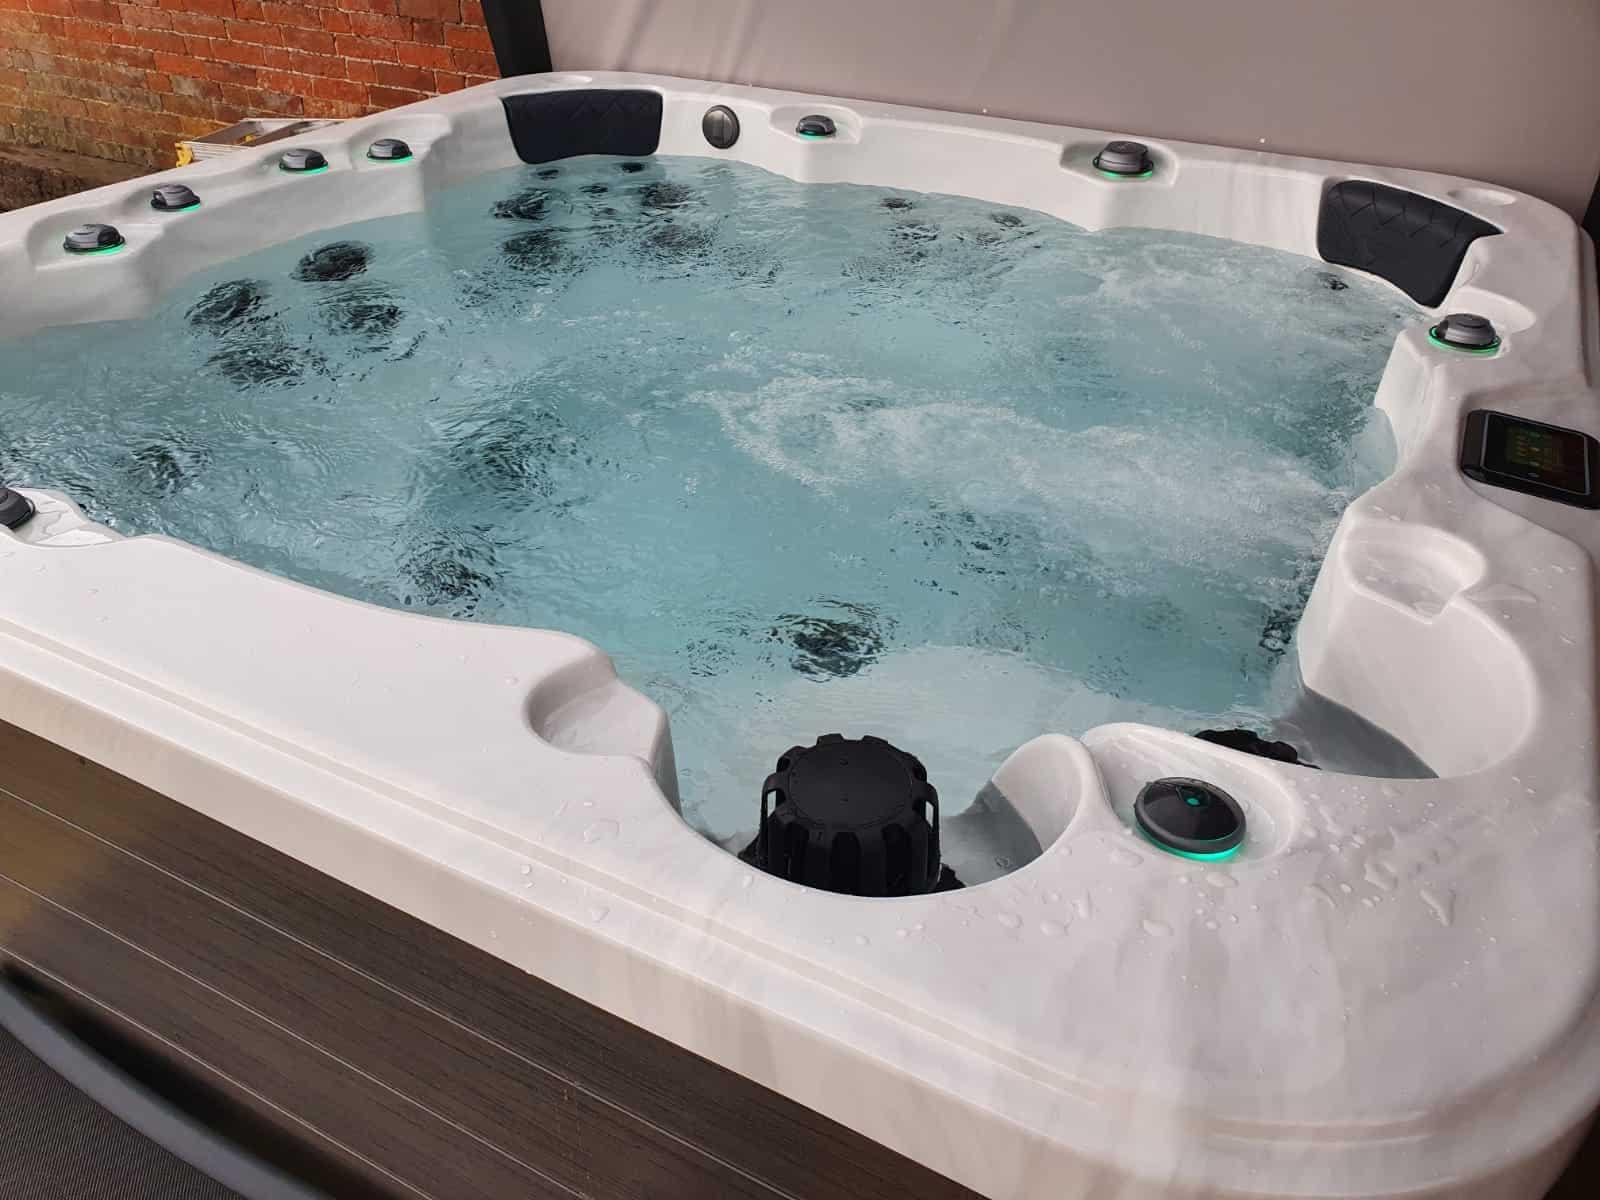 Be Well O782 Elite hot tub